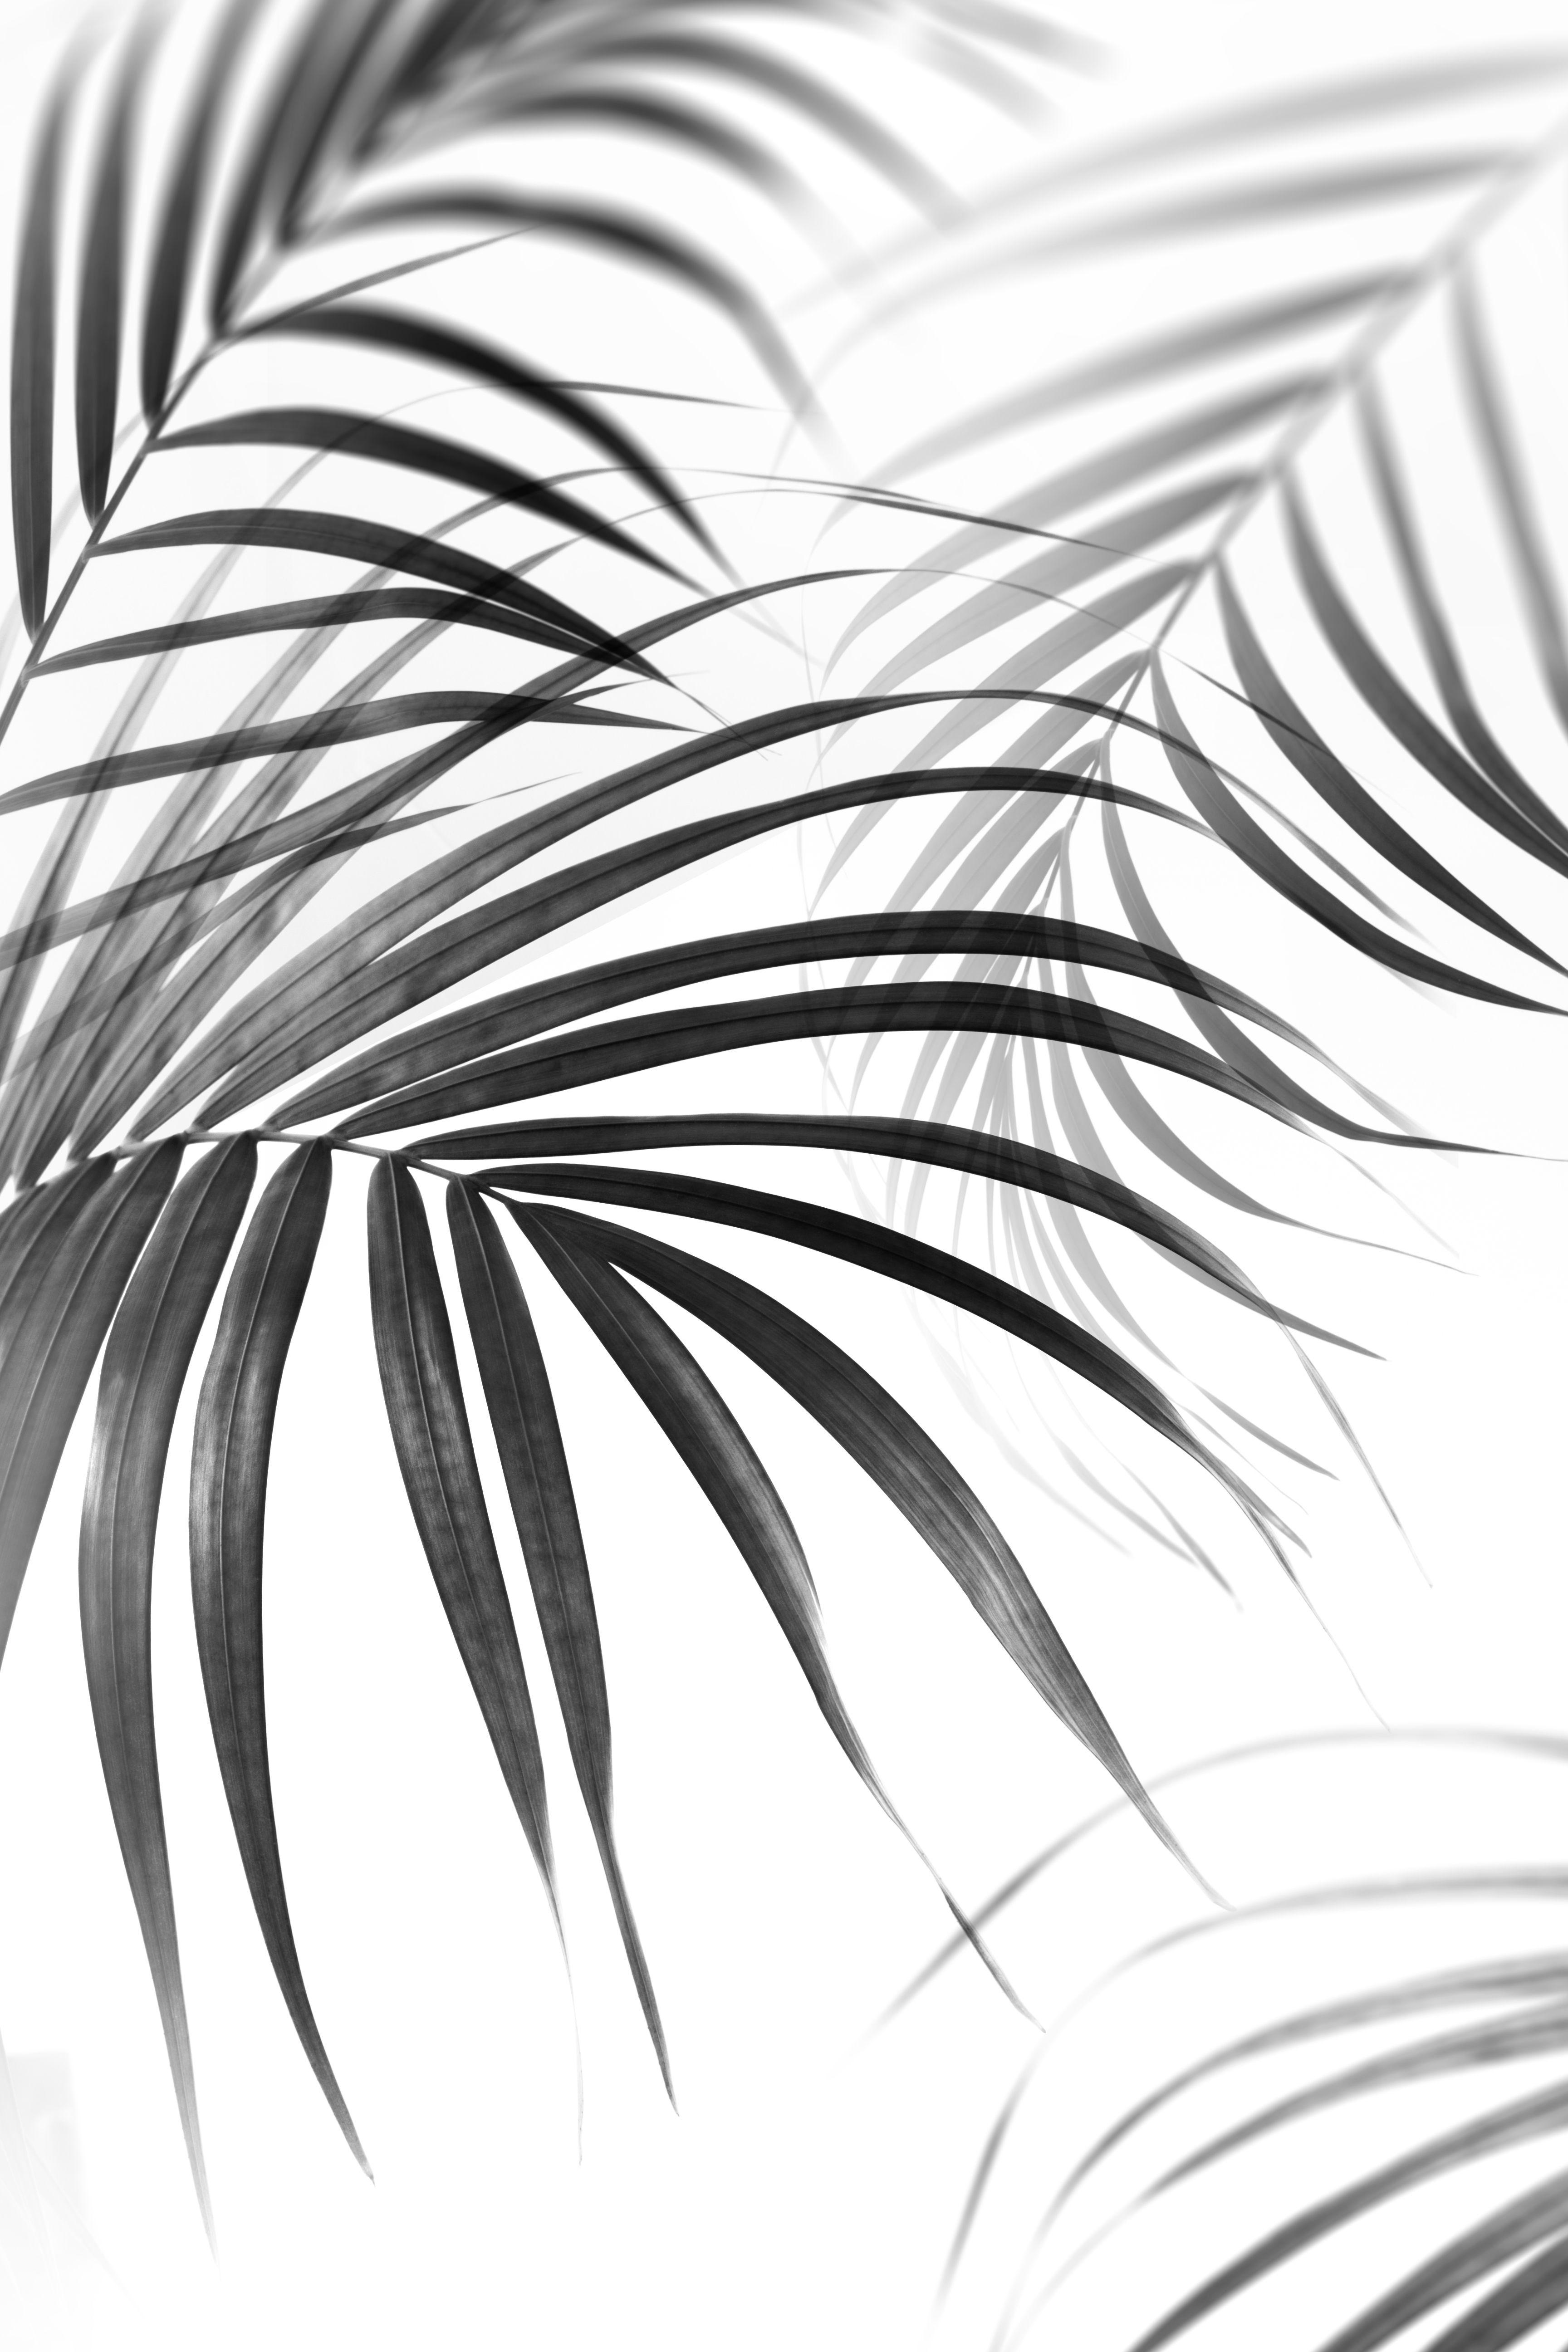 Kunstdruck Premium Poster Botanik Hintergrund Farbe Grau Hintergrund Schwarz Weiß